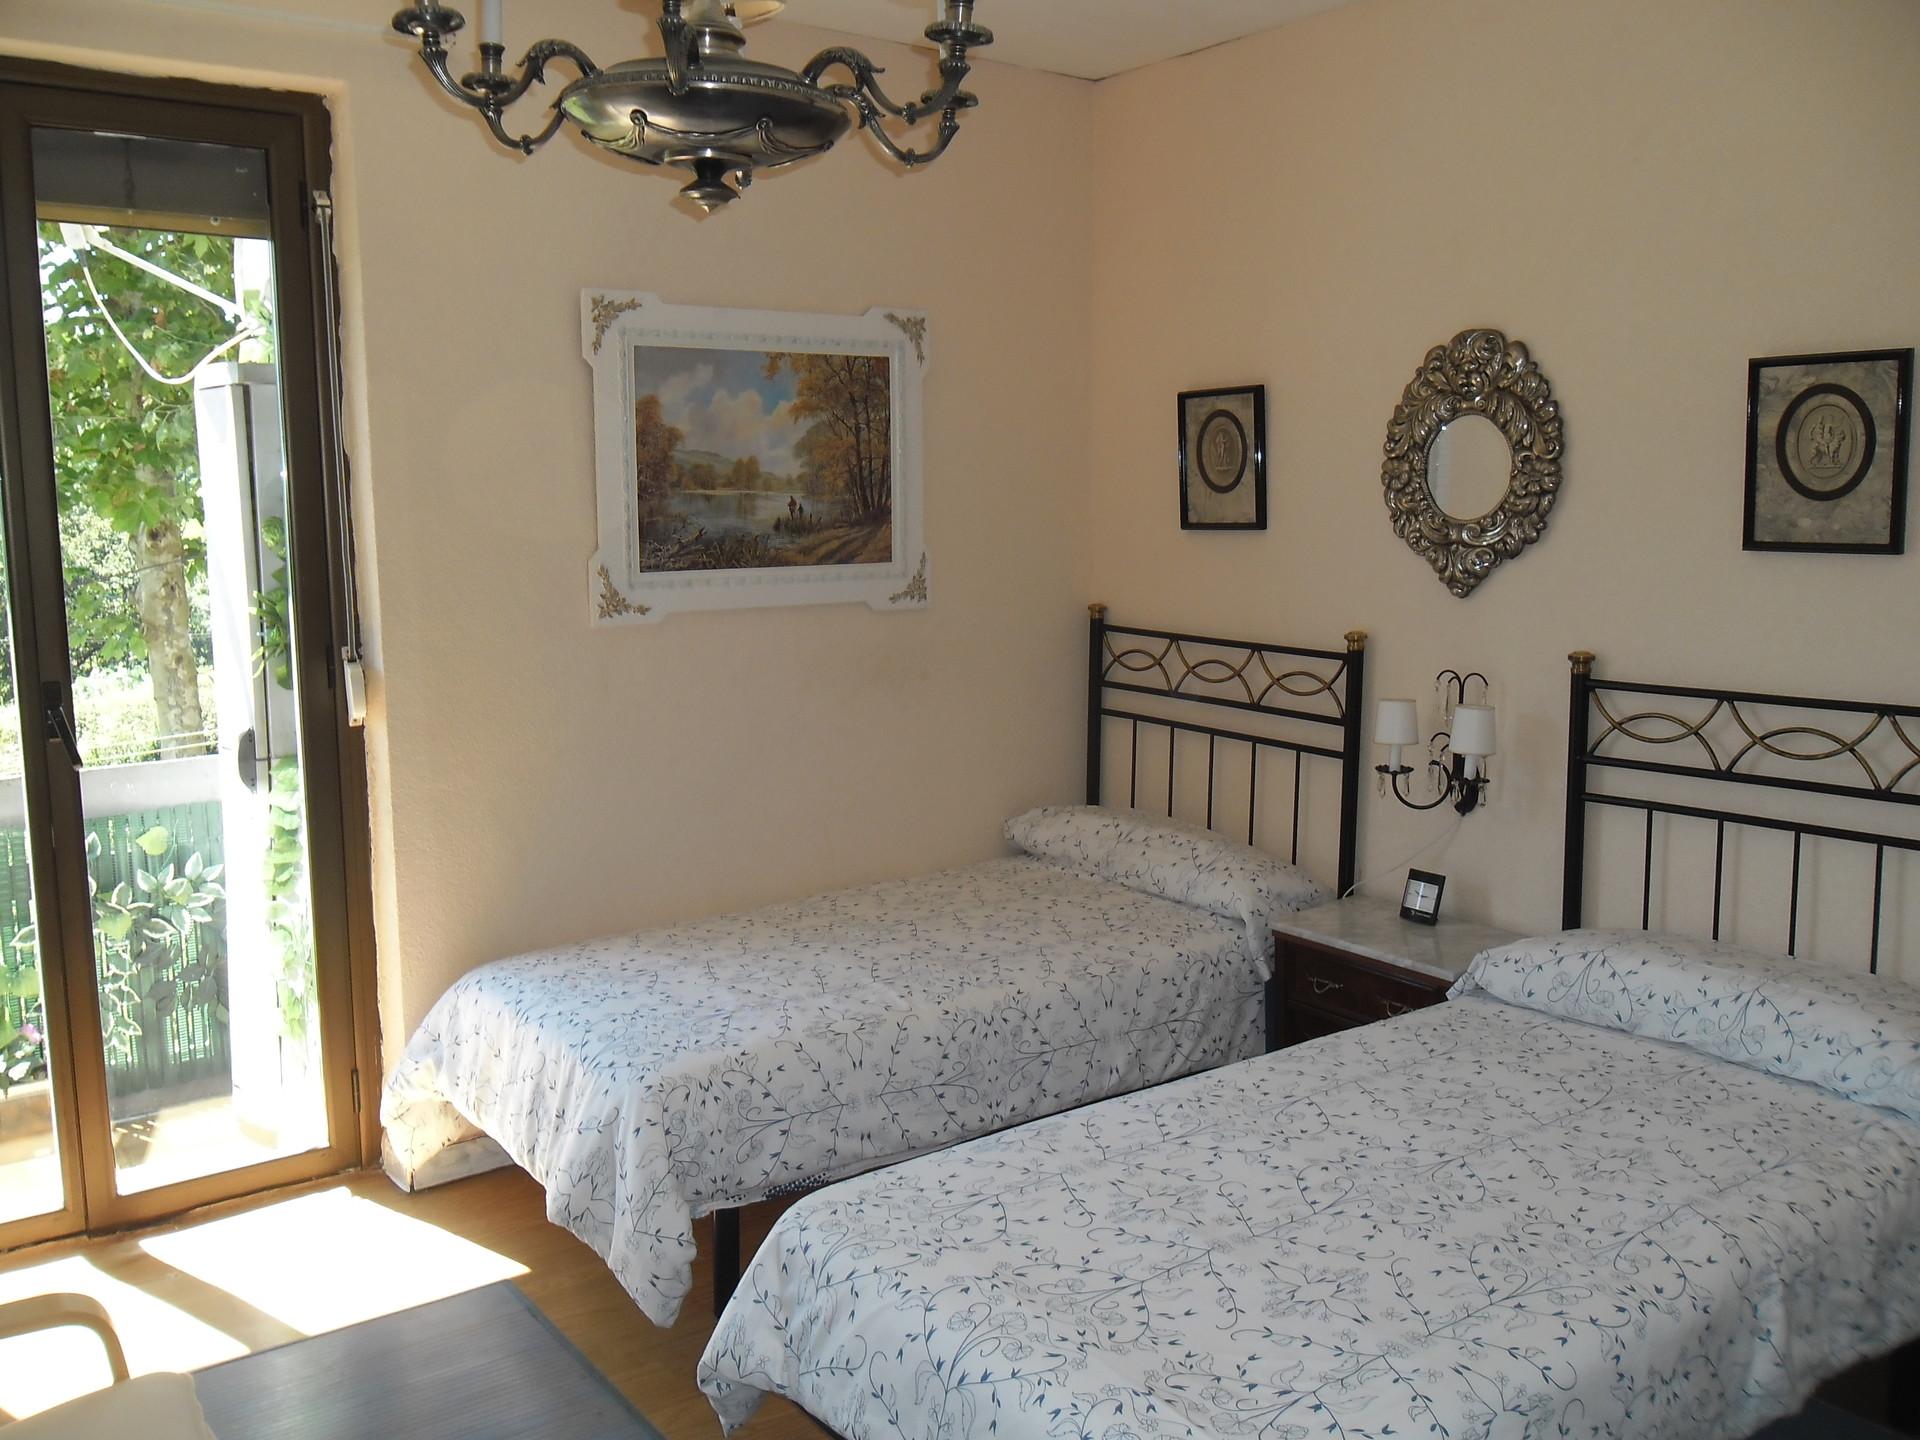 Habitacion soleada grande de 2 camas alquiler habitaciones san sebastian - Alquiler habitacion donosti ...